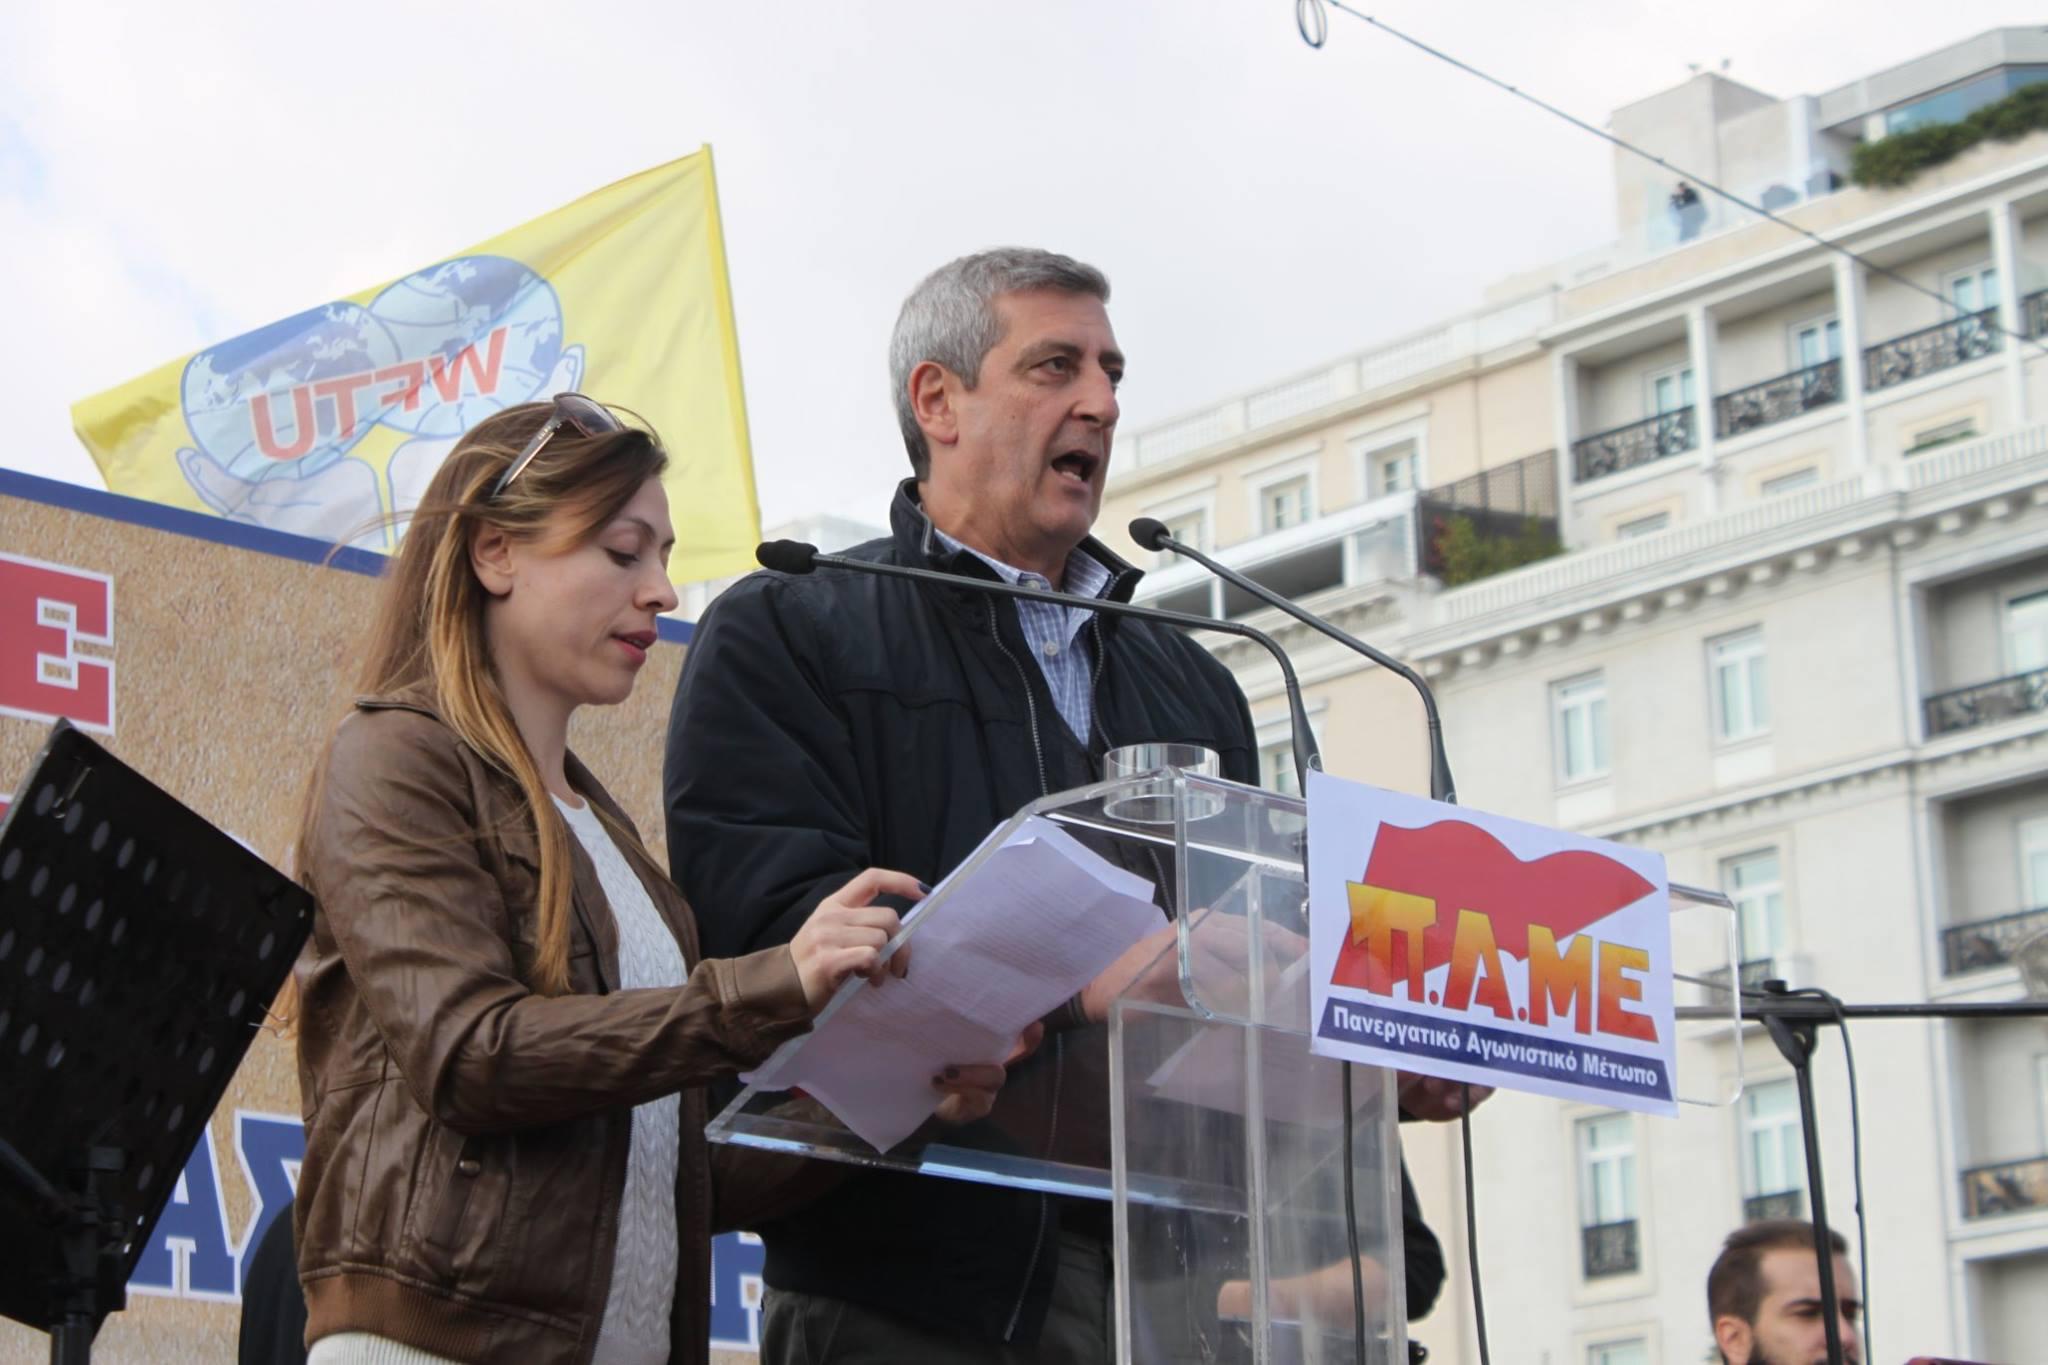 Atene: forte sollevamento di indignazione, rabbia e richieste. Presente delegazione USB.